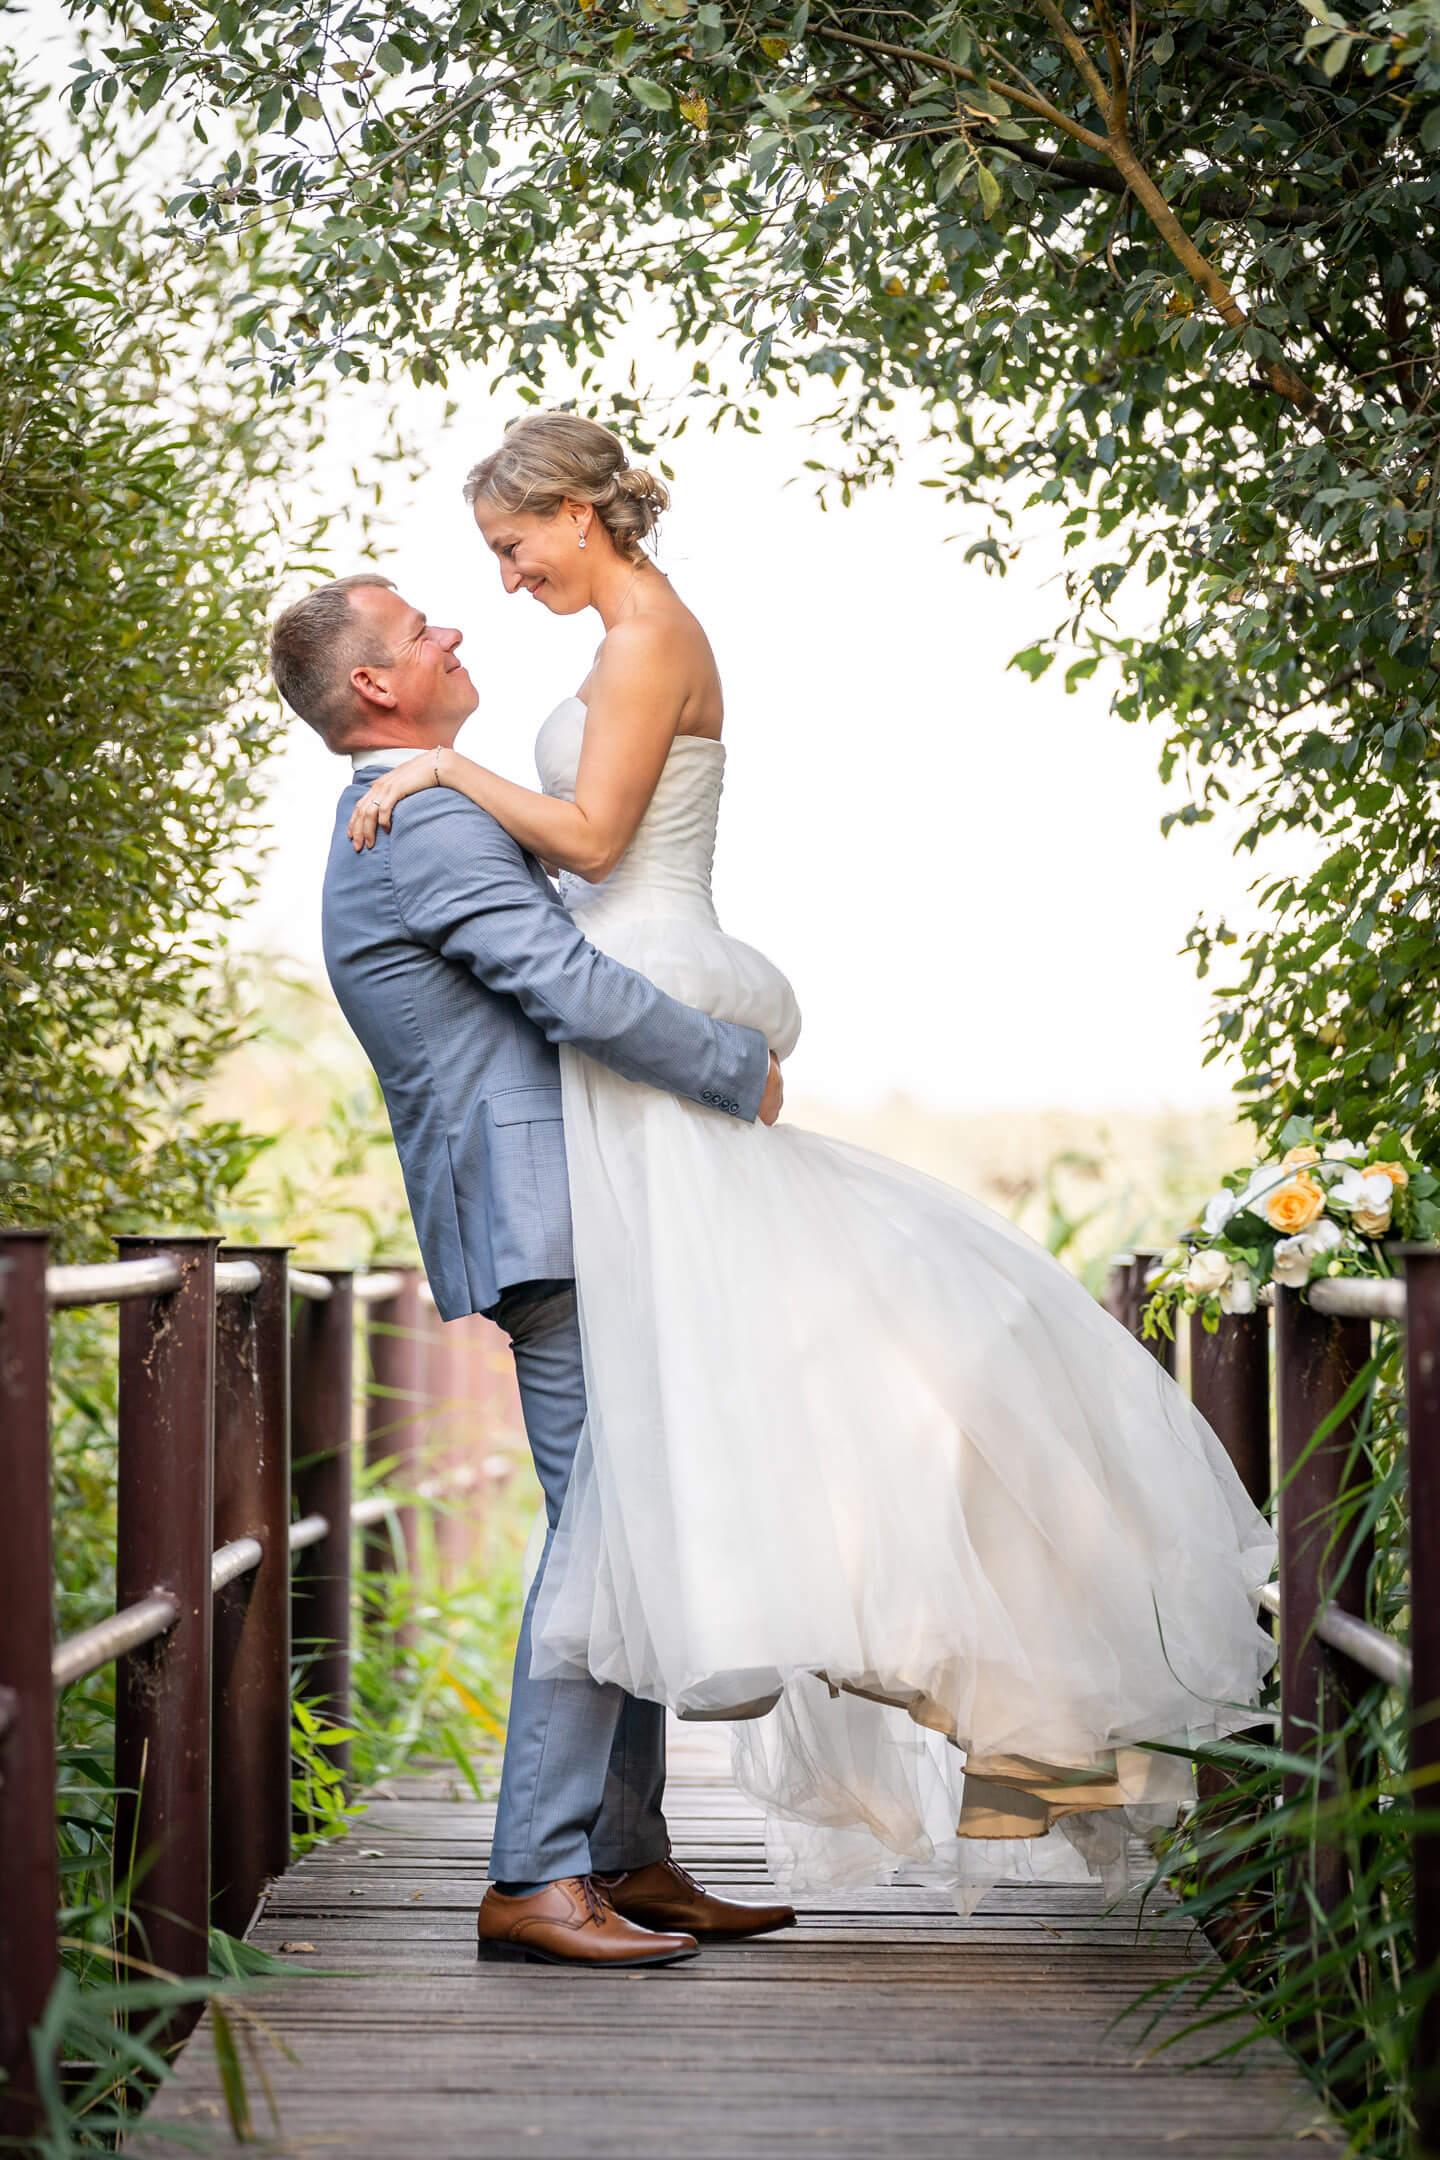 Auf Händen getragen: Bräutigam hebt seine Braut hoch.